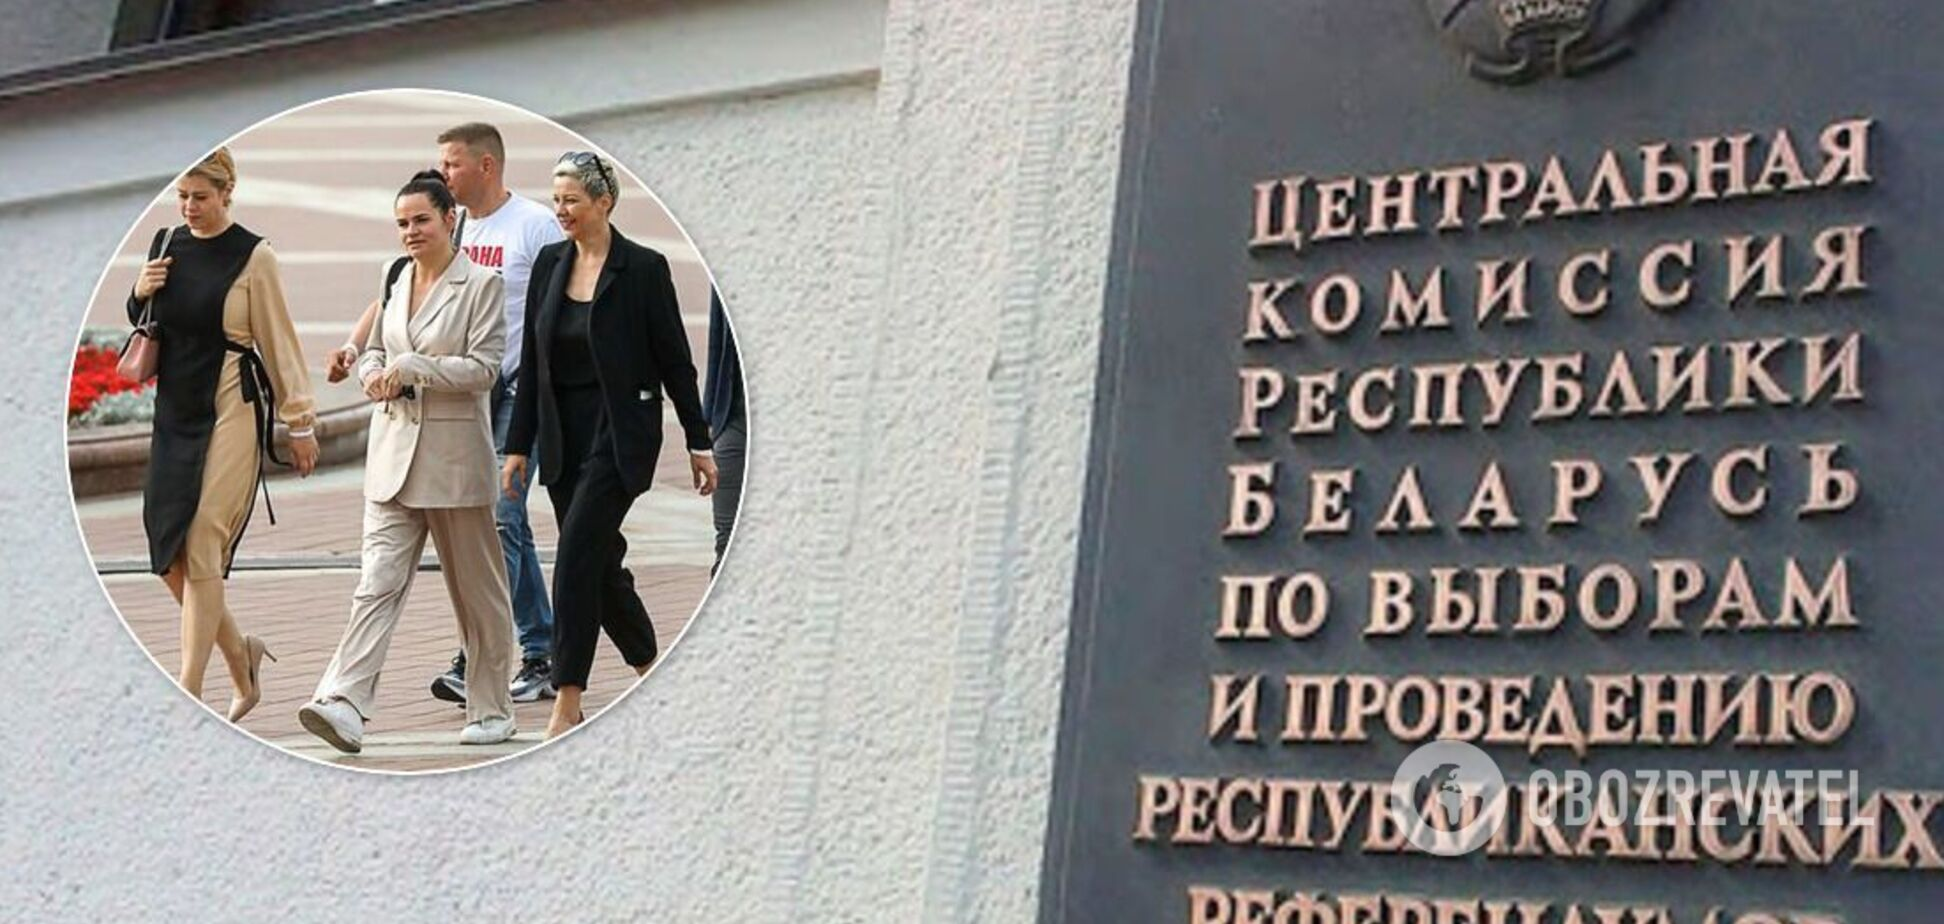 Кандидатів у президенти Білорусі терміново скликали в ЦВК